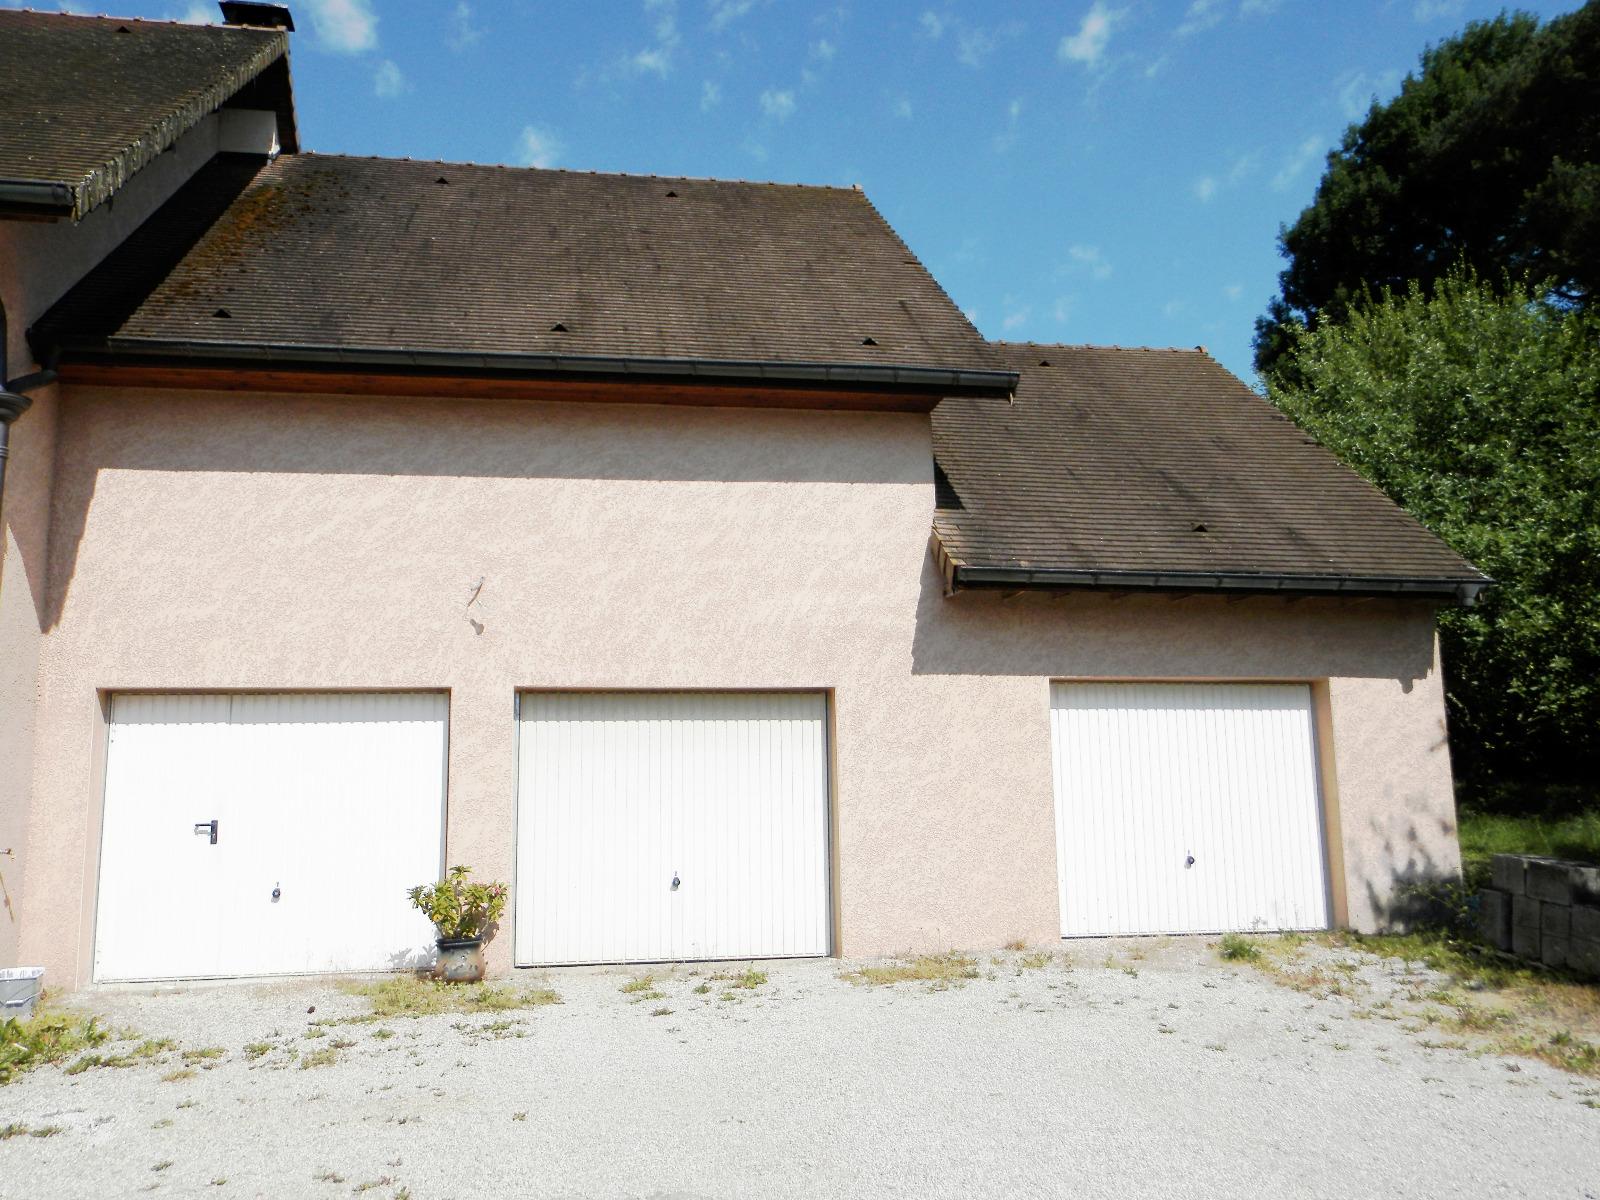 Vente proche lons le saunier 39 maison r cente de 140 for Garage solidaire lons le saunier